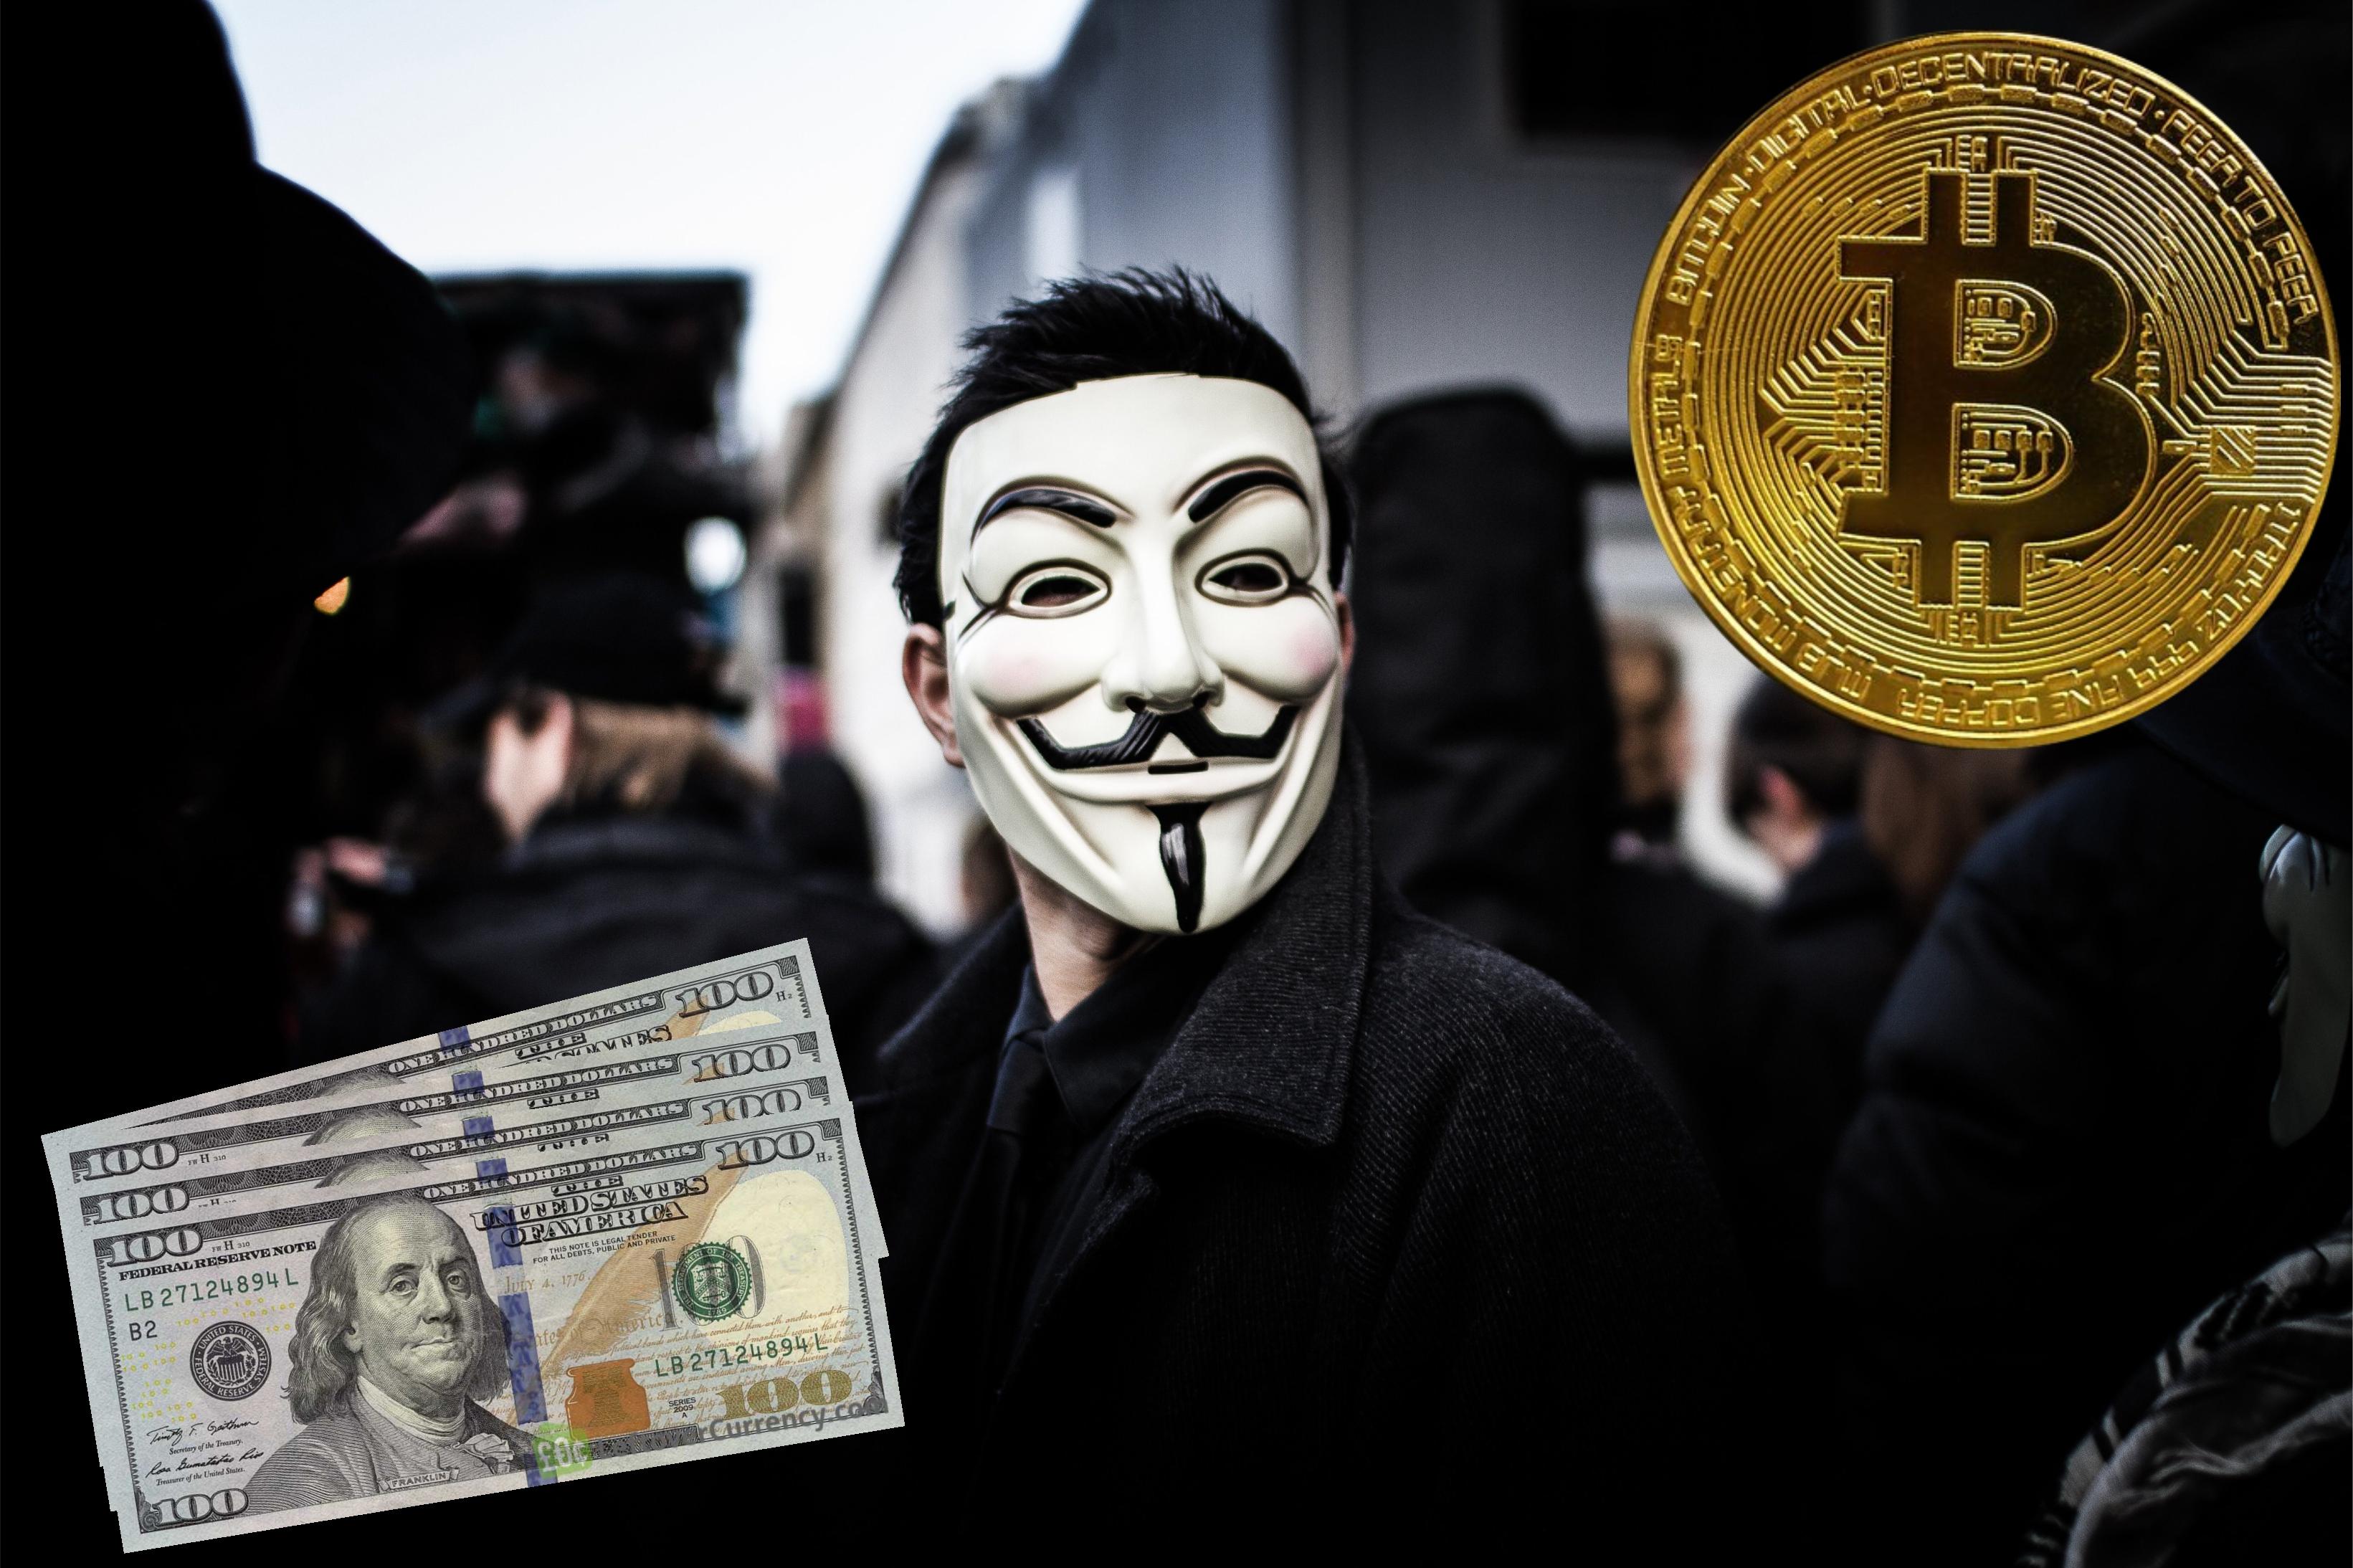 cik daudz naudas ir bitcoin makā